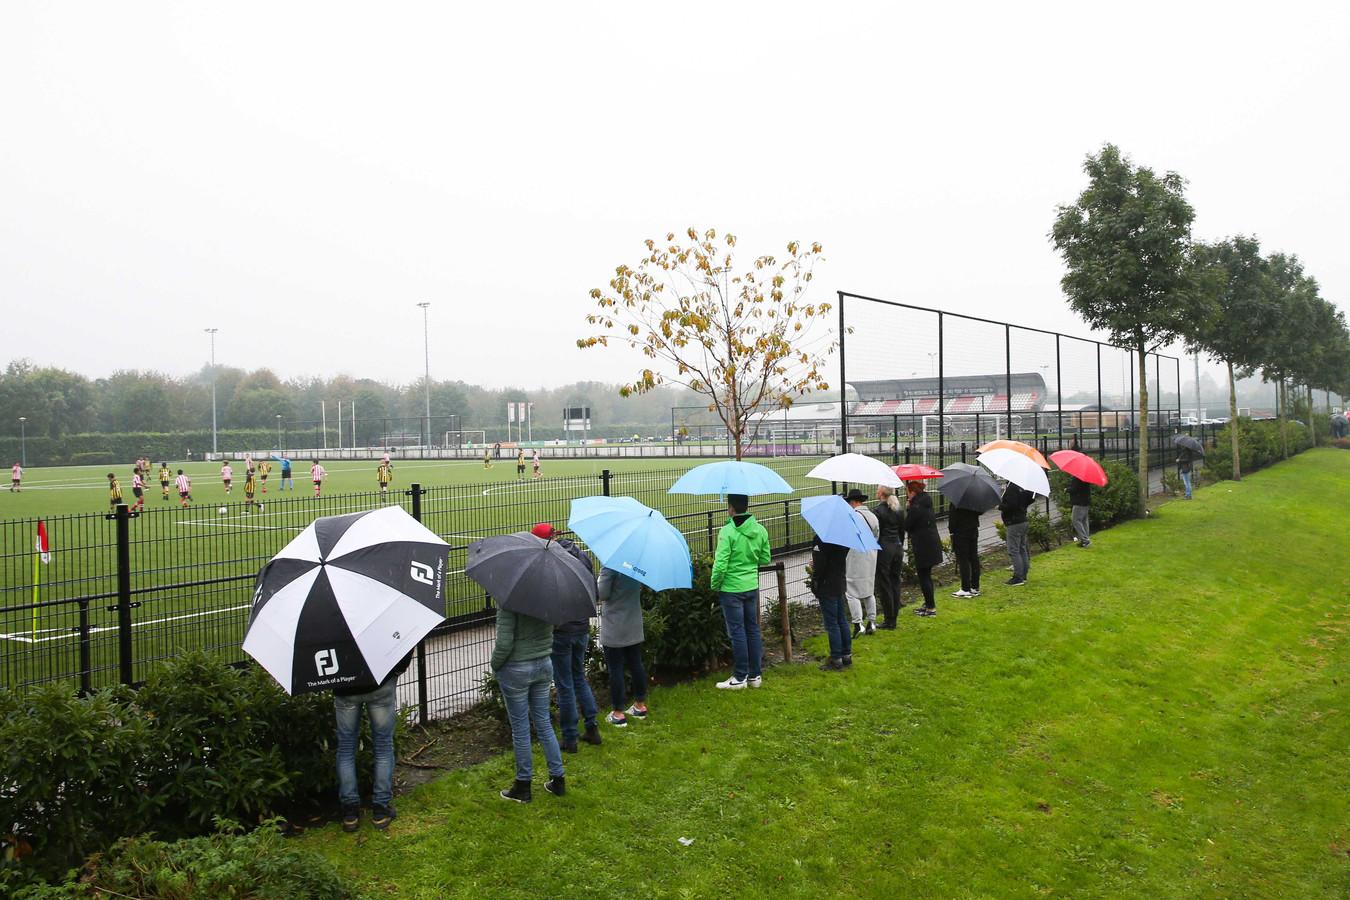 In oktober waren er al twee weekenden waarbij er geen publiek aanwezig mocht zijn. Uiteindelijk werd het amateurvoetbal maar helemaal stilgelegd.